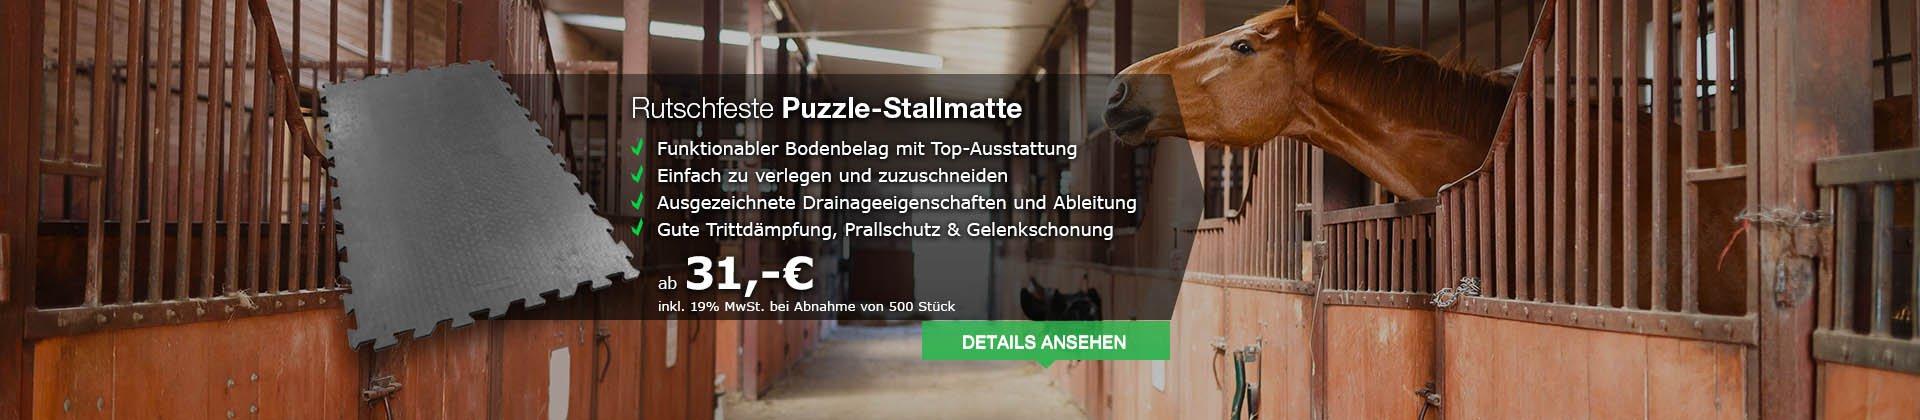 Ausgezeichnete Puzzle-Stallmatte mit vielen Funktionen zum Hammerpreis